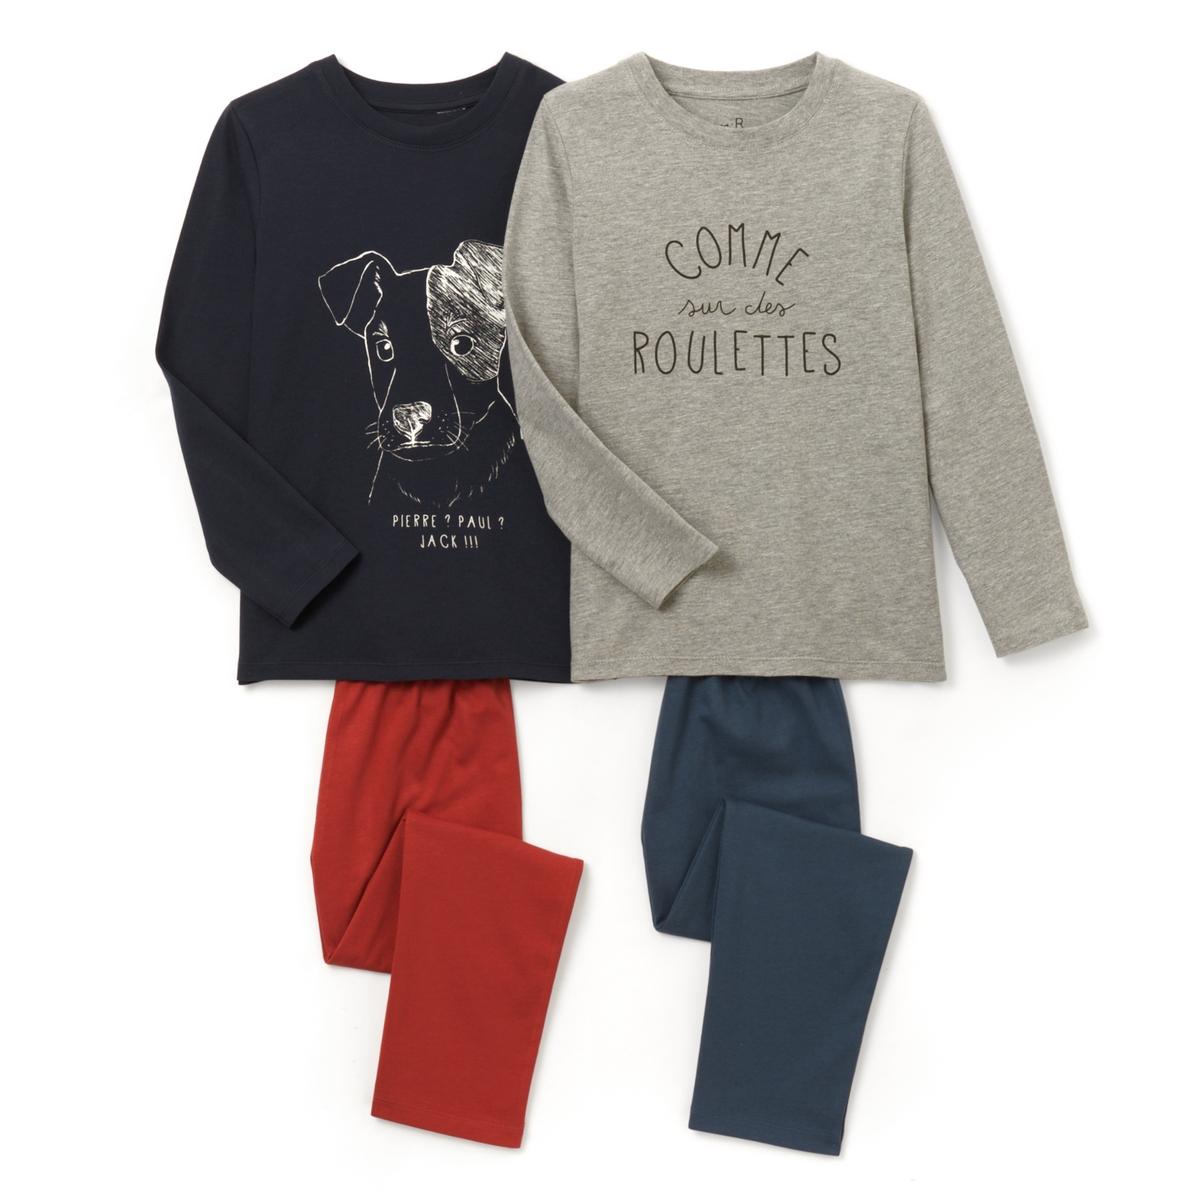 2 пижамы 2-12 летПижама: футболка с длинными рукавами и брюки. В комплекте 2 пижамы: Футболки с разными рисунками  . Брюки однотонные с эластичными поясами.Состав и описание :    Материал       Джерси 100% хлопок  (кроме цвета серый меланж: преимущественно из хлопка).  Уход: : - Машинная стирка при 30°C с вещами схожих цветов. Стирать, сушить и гладить с изнаночной стороны. Машинная сушка в умеренном режиме. Гладить на низкой температуре.<br><br>Цвет: синий + серый меланж + красный<br>Размер: 4 года - 102 см.2 года - 86 см.12 лет -150 см.10 лет - 138 см.6 лет - 114 см.3 года - 94 см